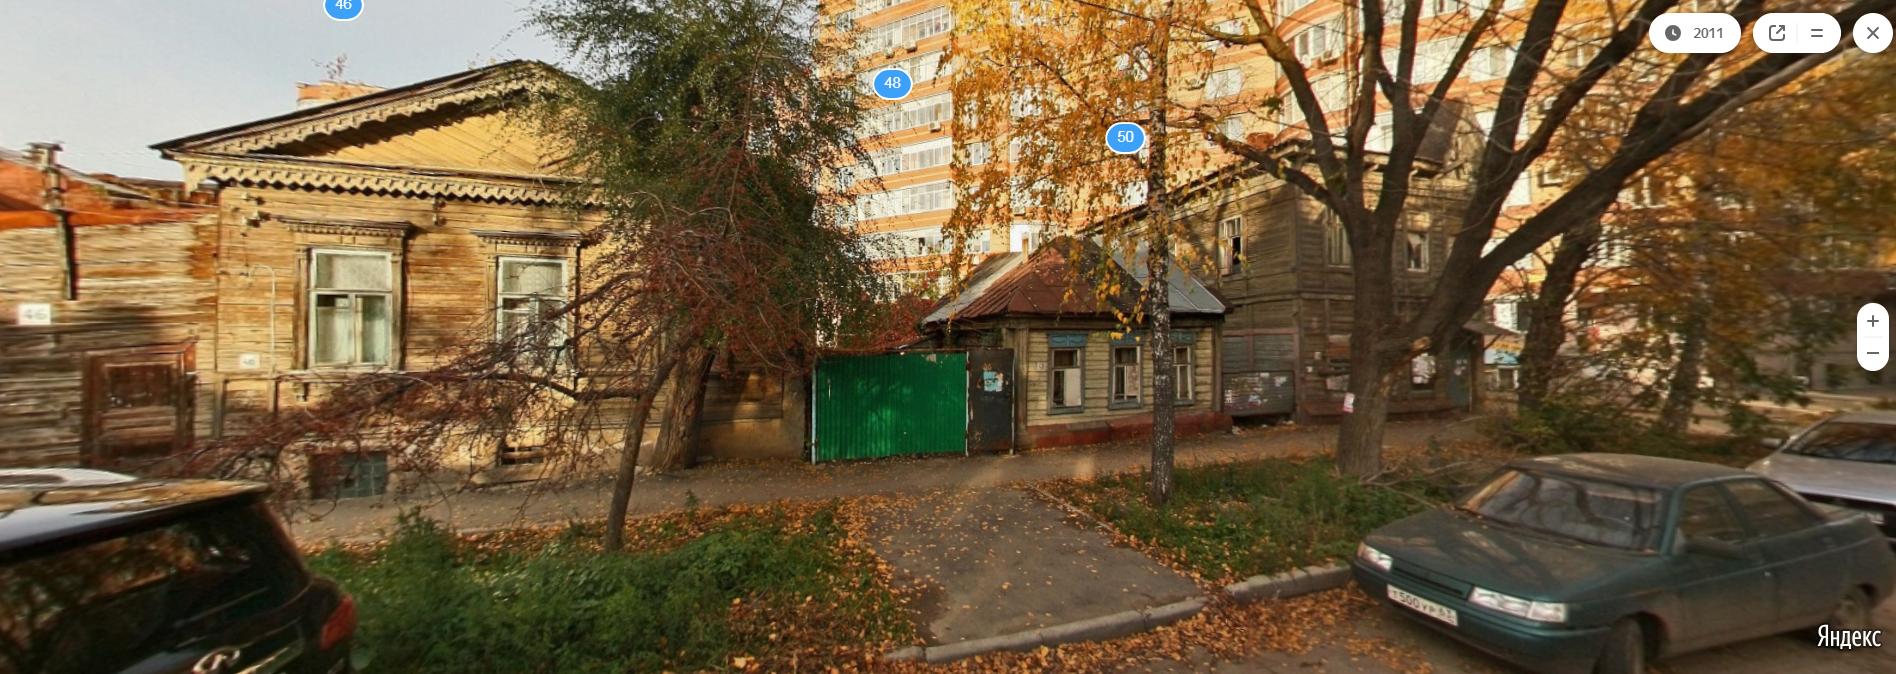 В центре - дом крестьянки Кистеневой на Яндекс.Панораме в 2011 году